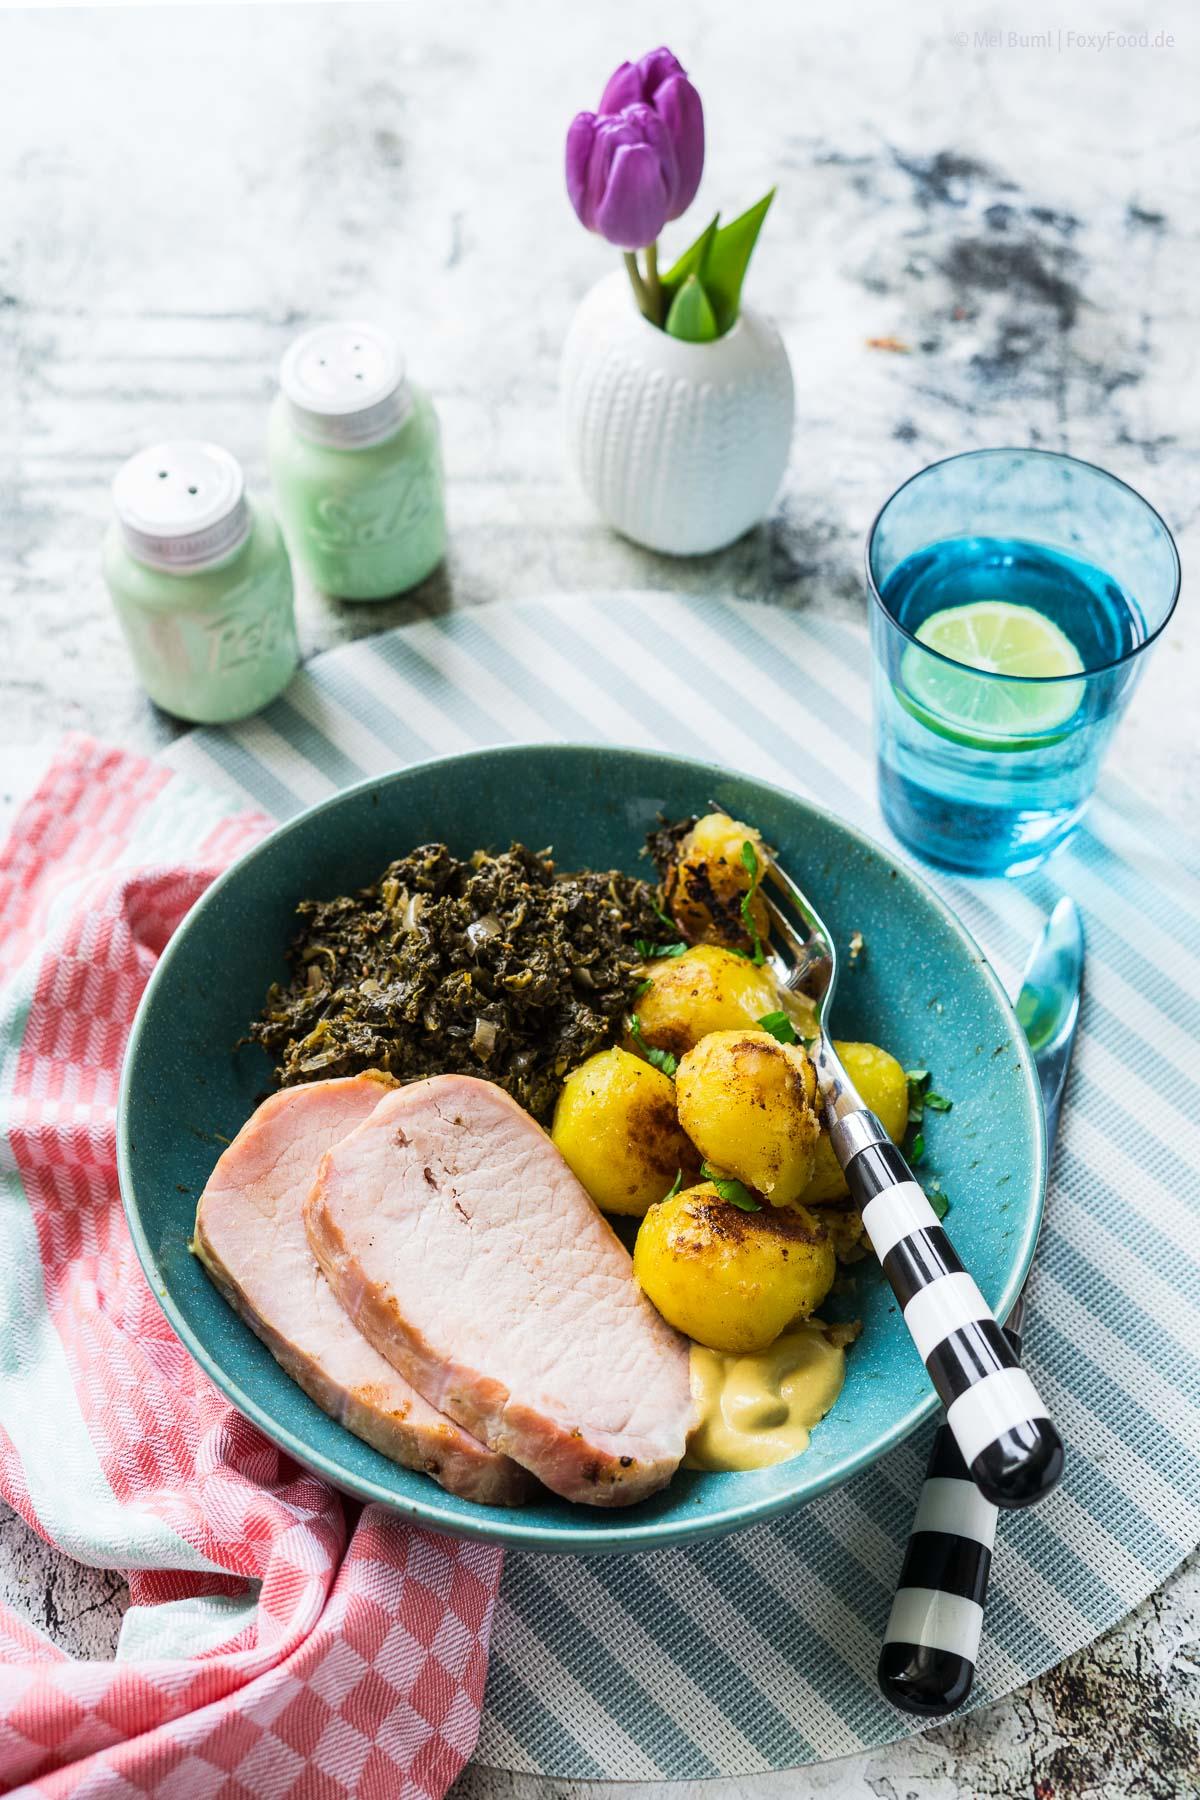 Grünkohl mit Kassler und karamellisierten Röstkartoffeln 540 Kalorien Rezept zum Abnehmen |FoxyFood.de